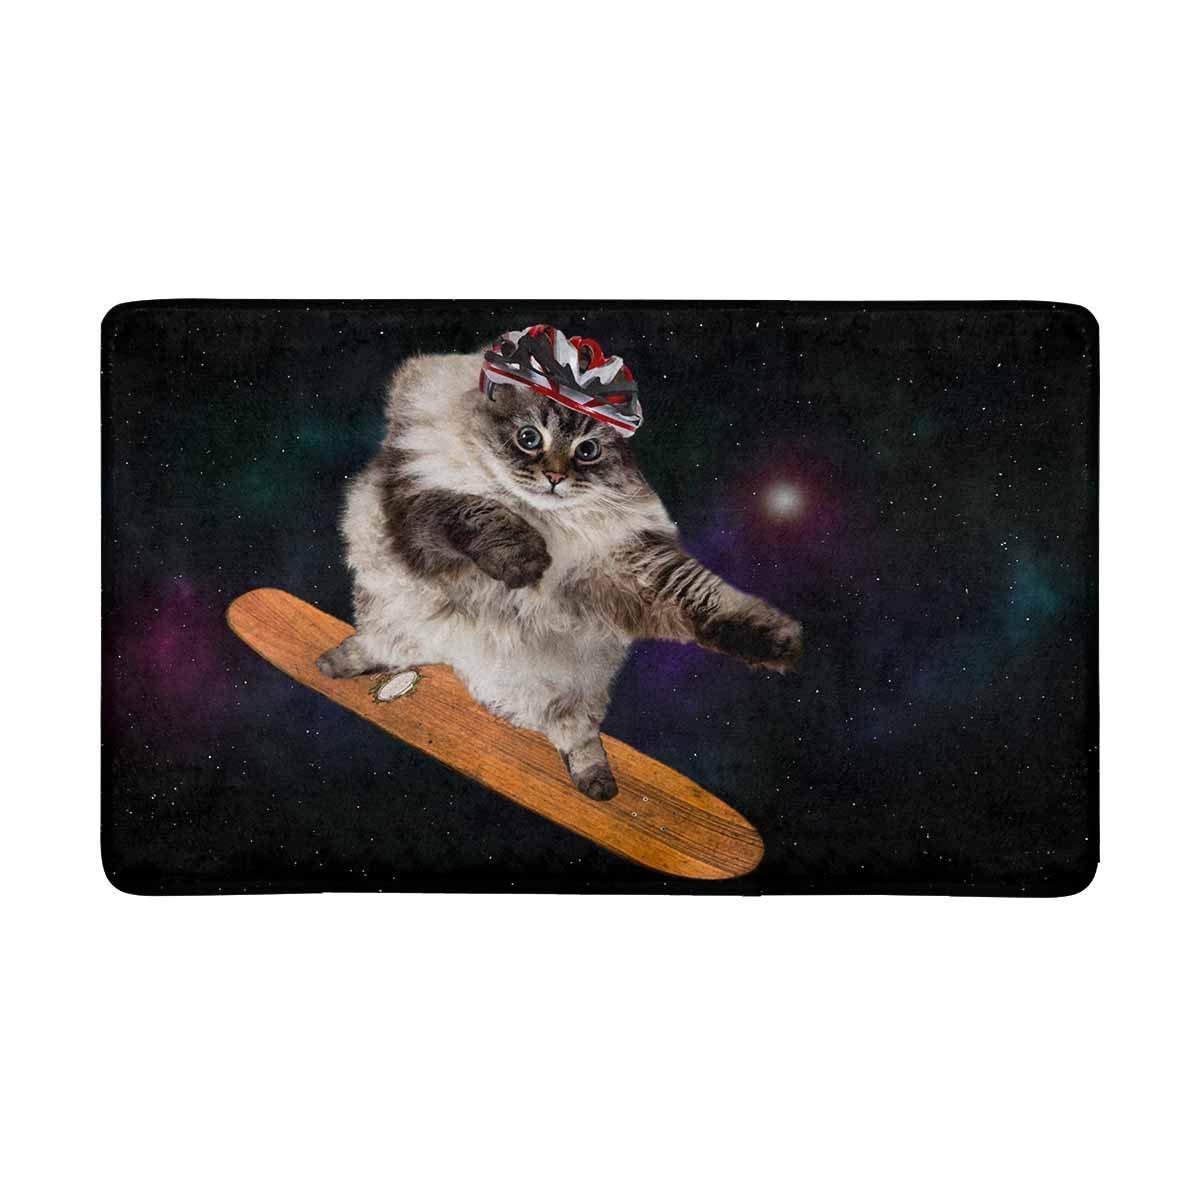 InterestPrint Hip Hop Cat Skateboard in Space Front Door Mat 30 X 18 Inches Welcome Doormat for Home, Indoor, Entrance, Kitchen, Patio